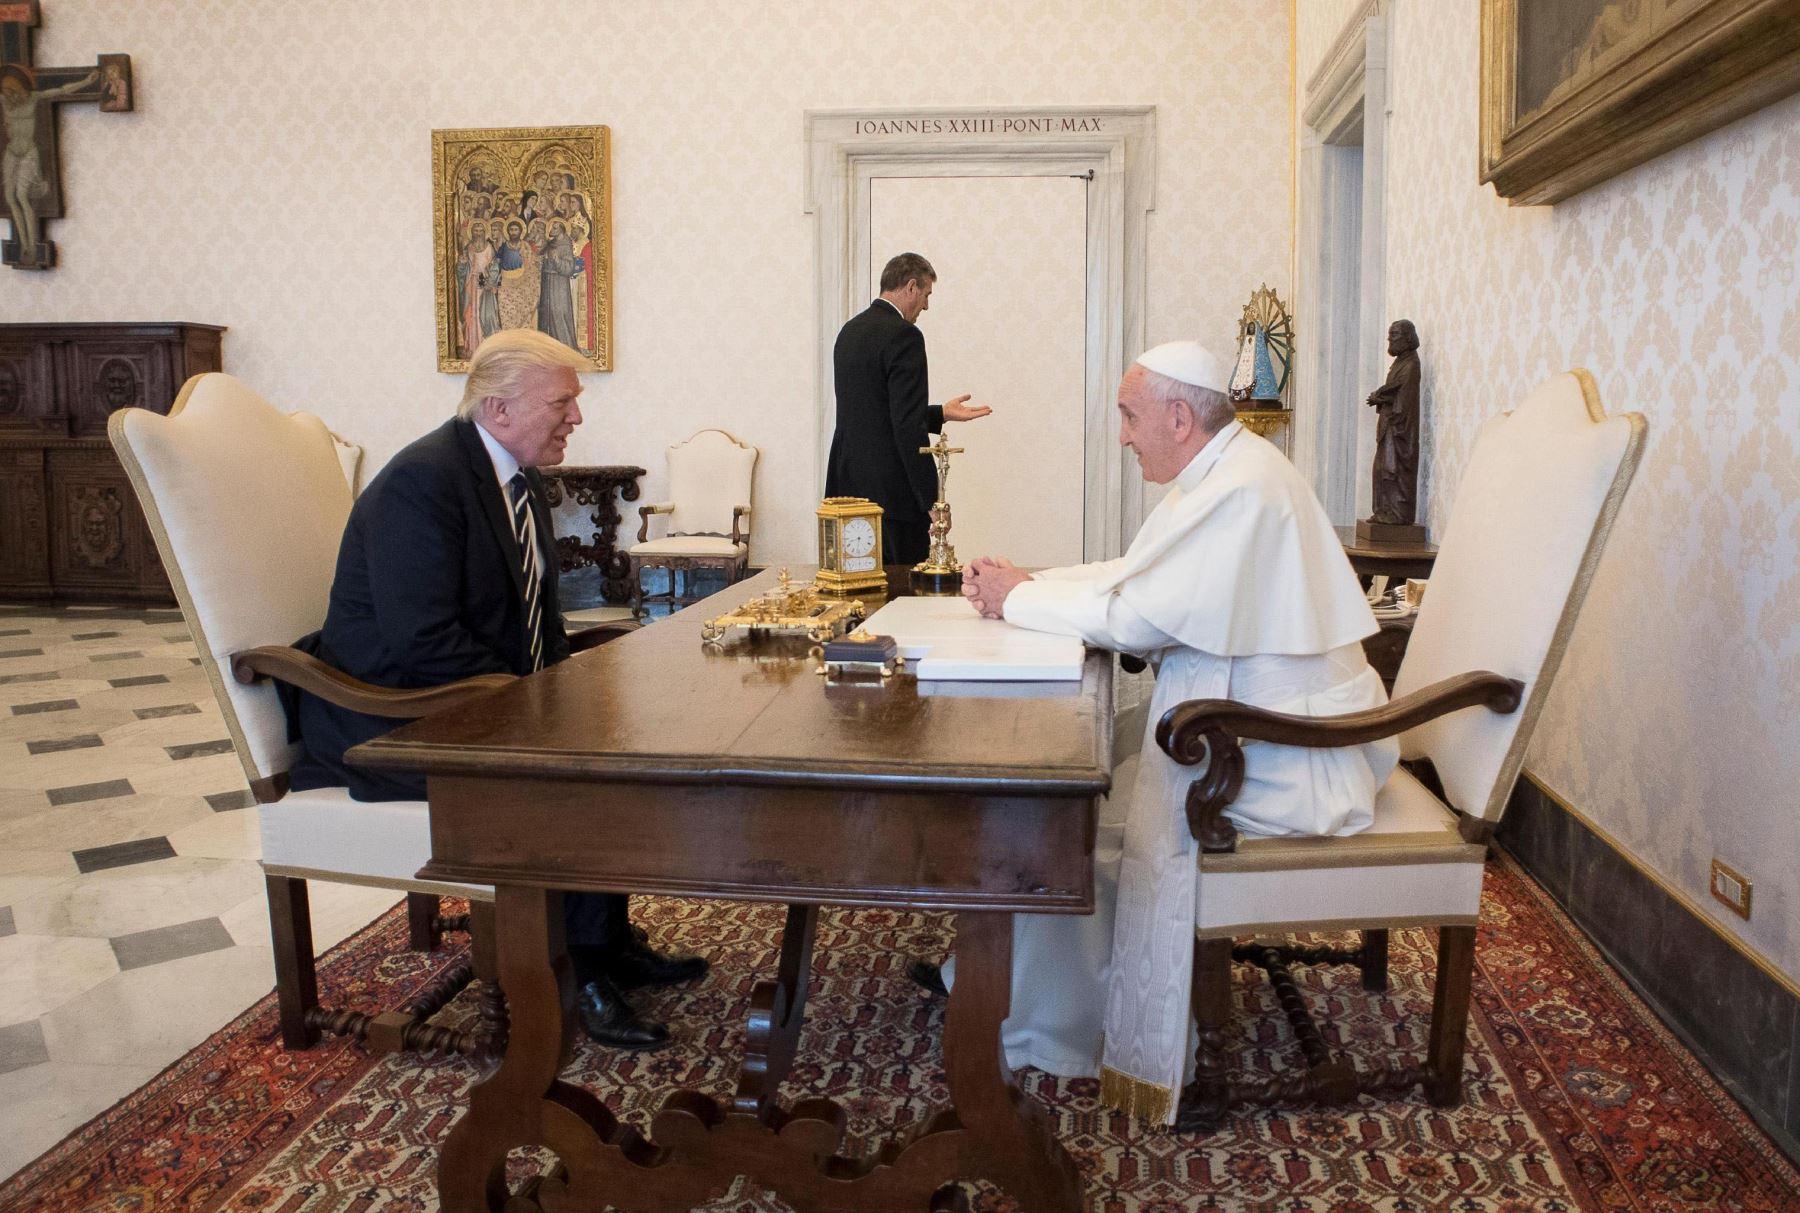 El presidente de Estados Unidos, Donald Trump,se reúne con el papa Francisco en el Vaticano. Foto: EFE